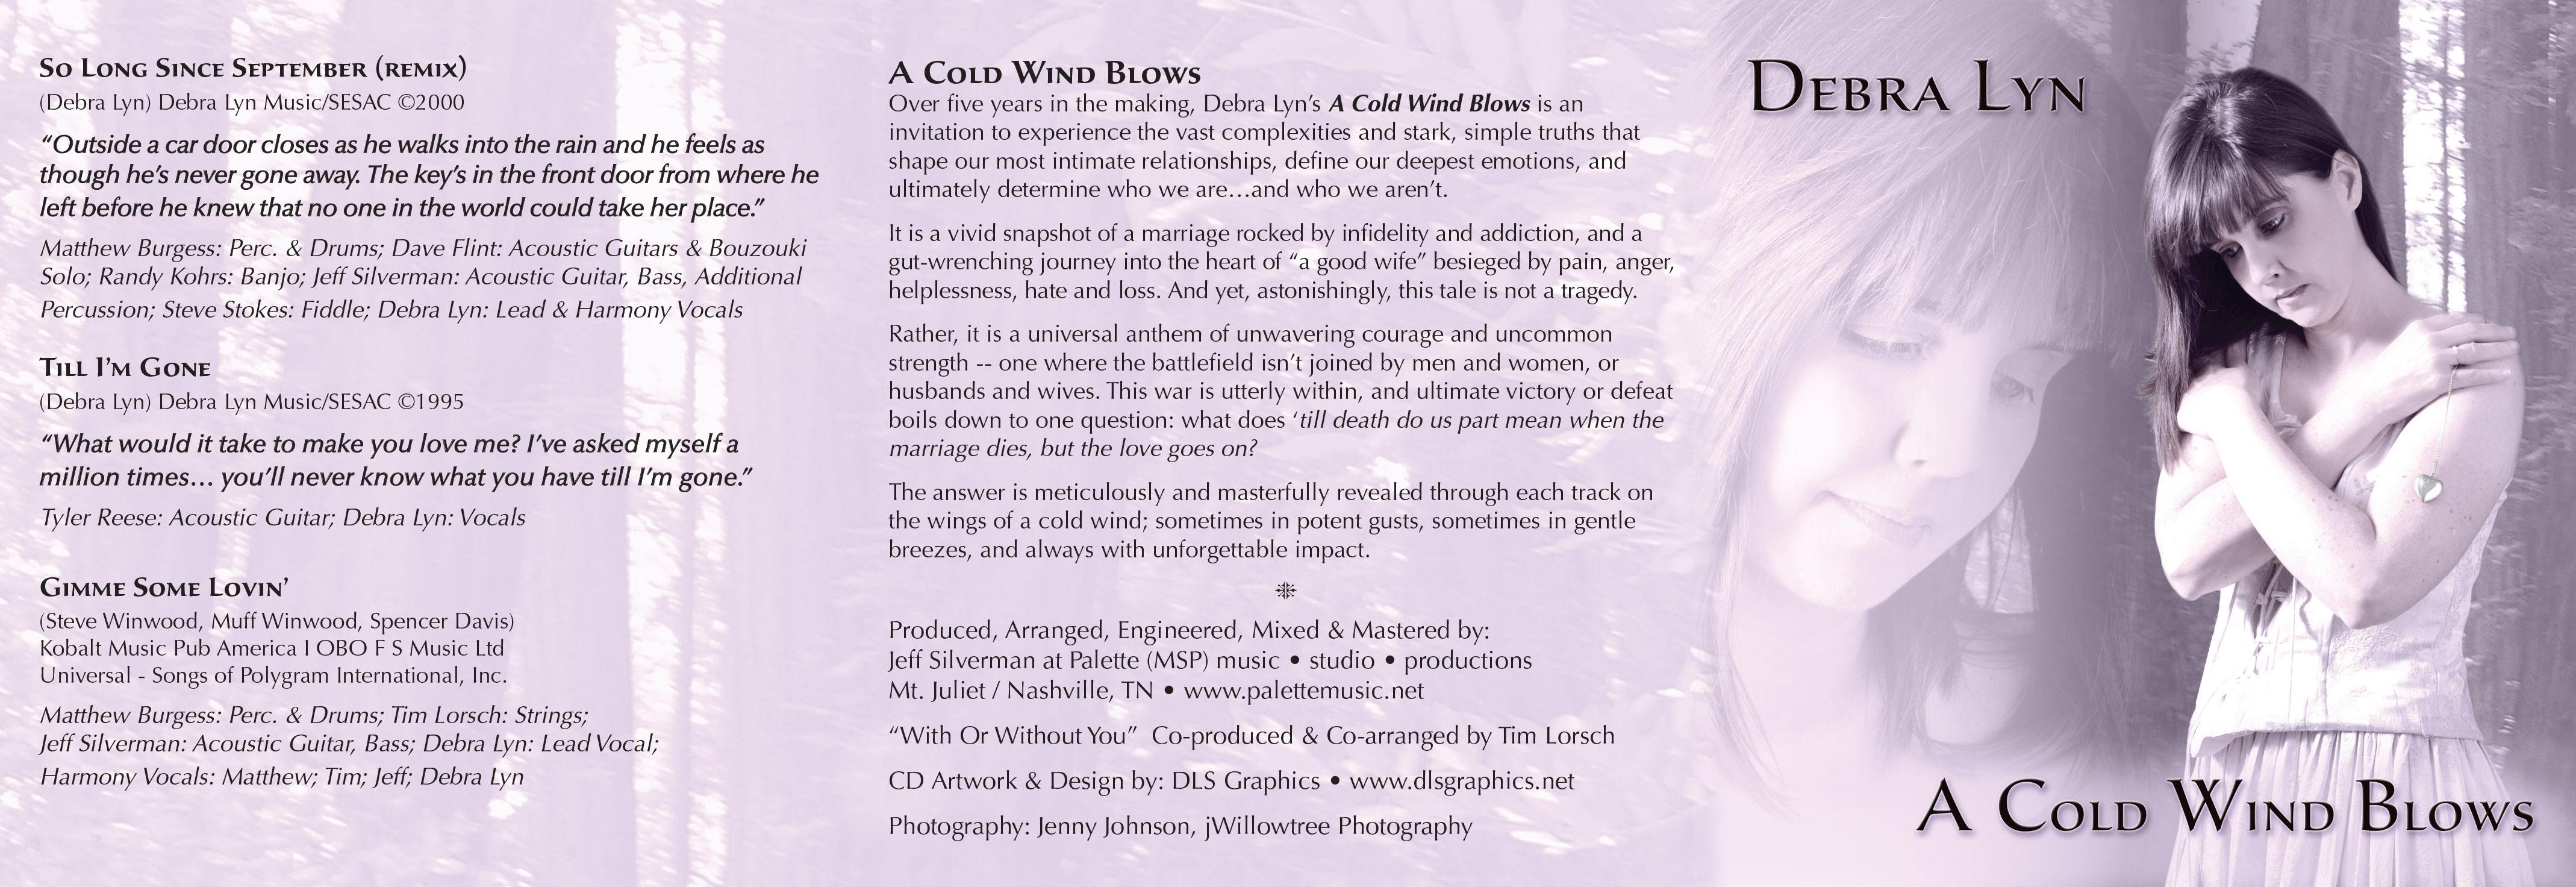 Debra Lyn-A Cold Wind Blows - Outside Booklet - Nashville-Mt. Juliet CD Design